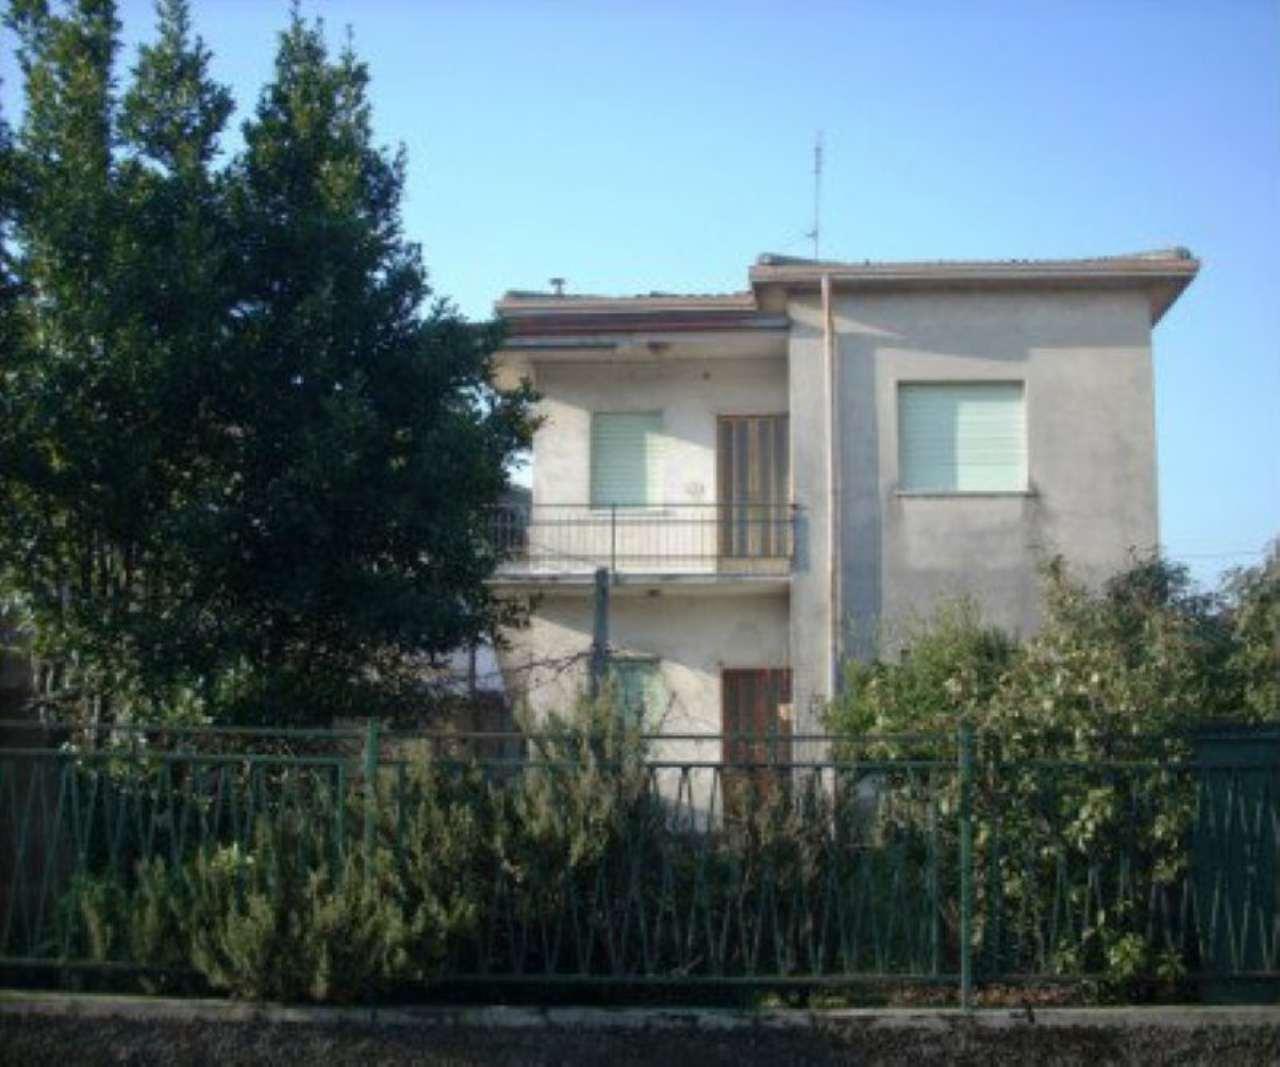 Villa in vendita a Caravaggio, 4 locali, prezzo € 155.000 | Cambio Casa.it